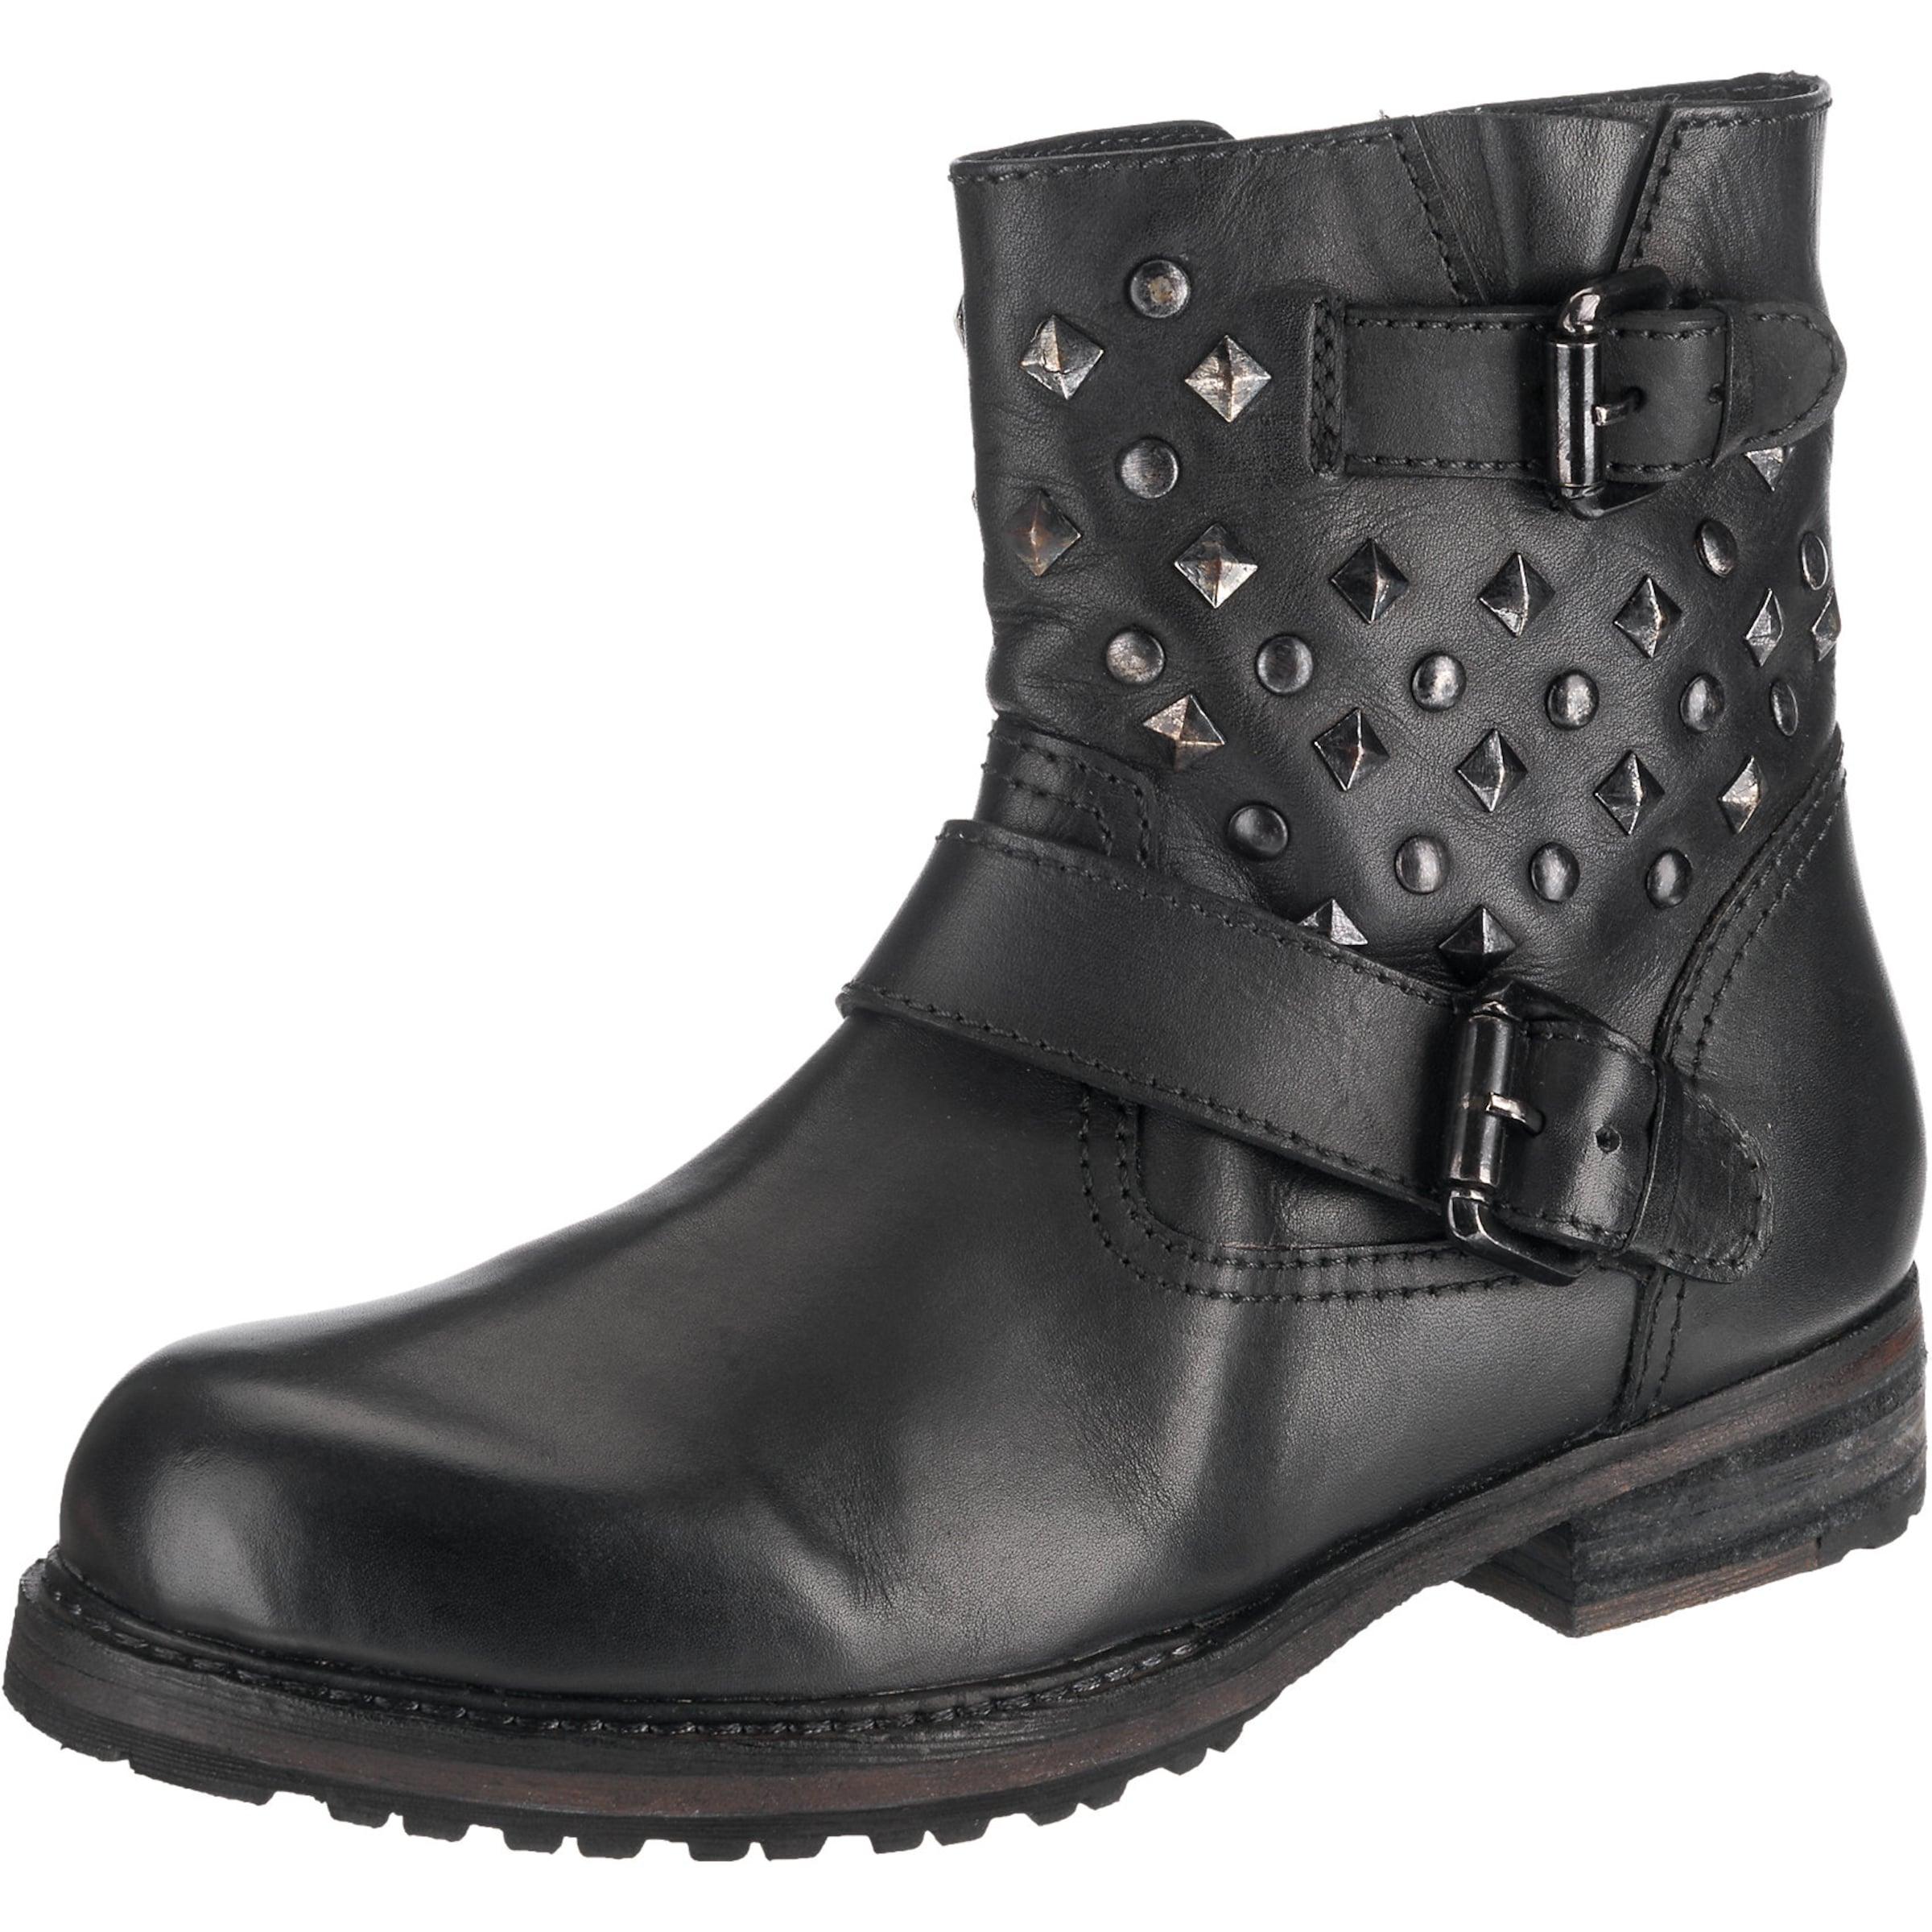 INUOVO Stiefel Günstige und langlebige Schuhe